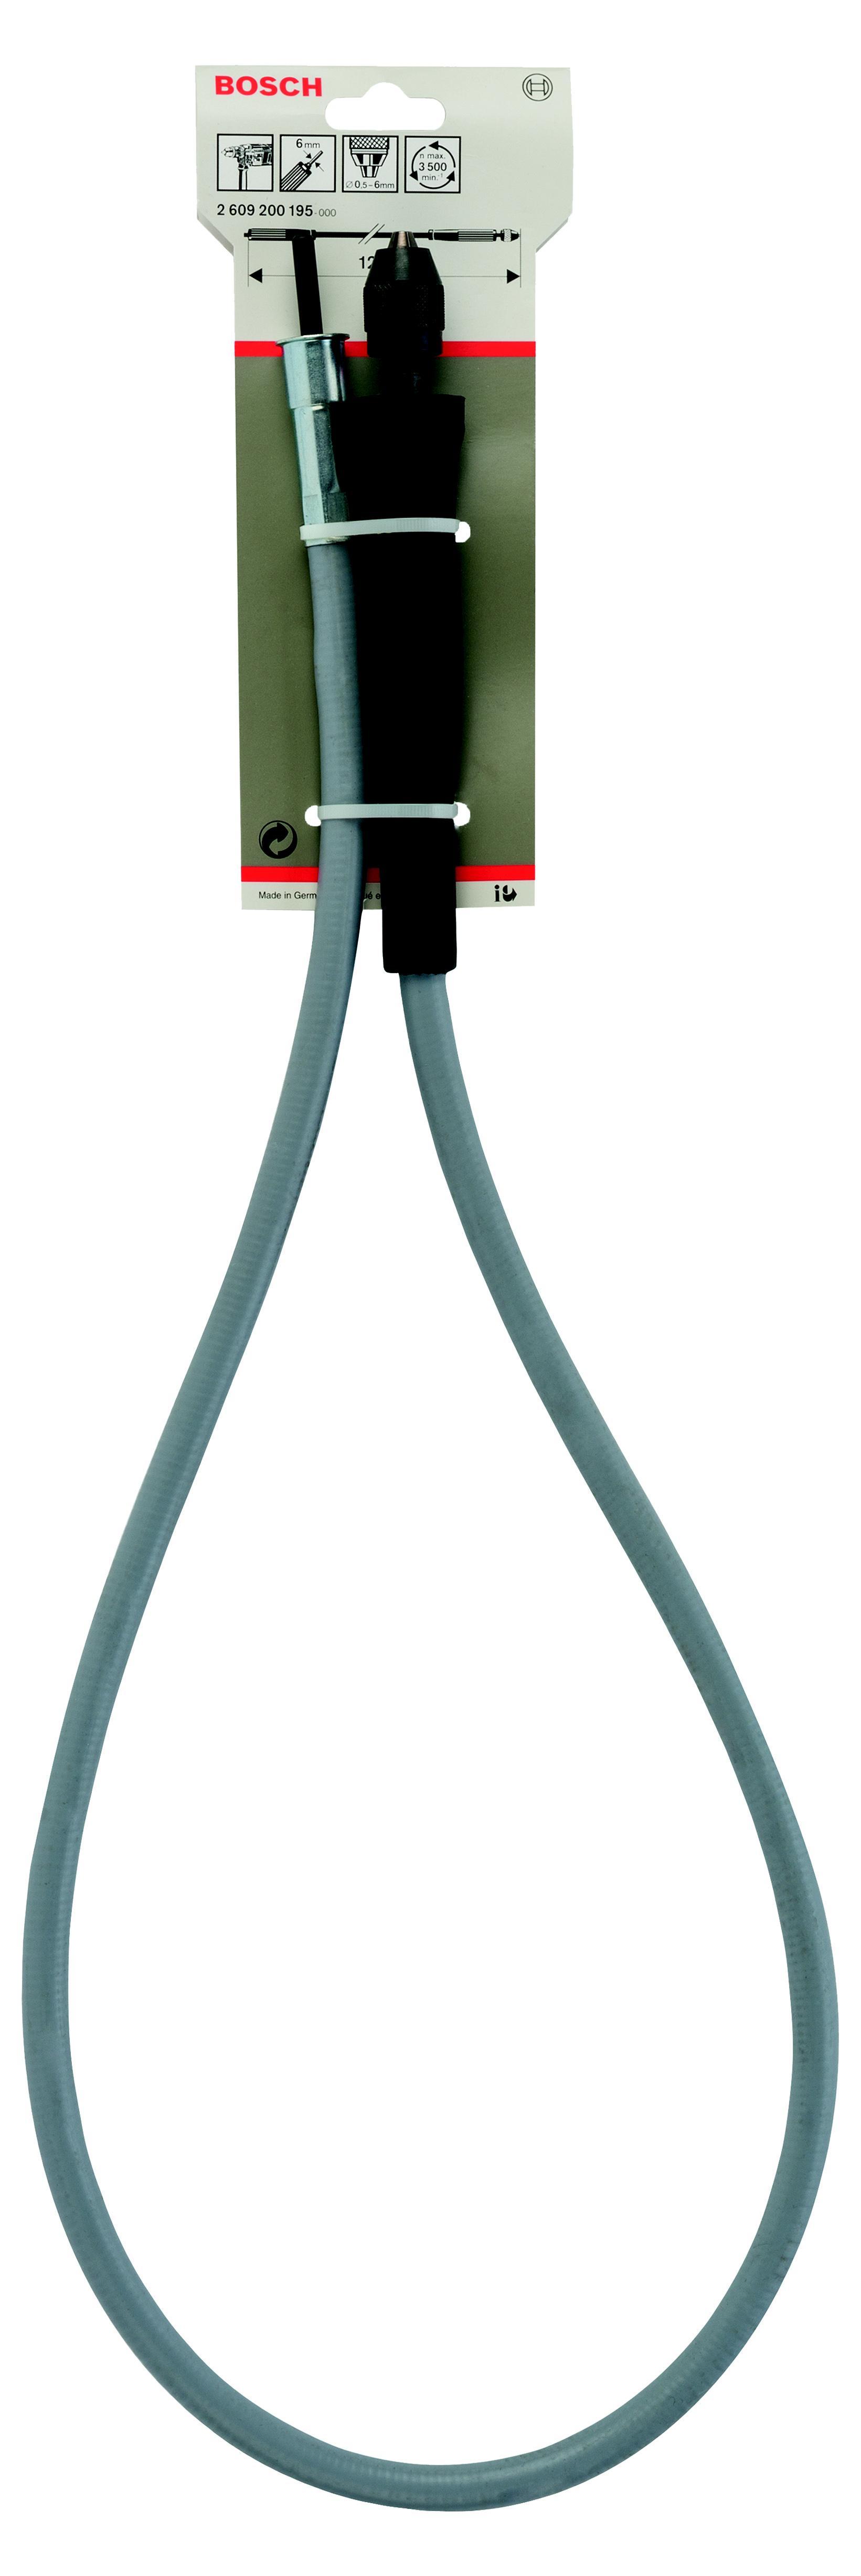 Гибкий вал для дрели Bosch гибкий вал для дрели (2.609.200.195) гибкий вал dde 241 727 zx45 4м